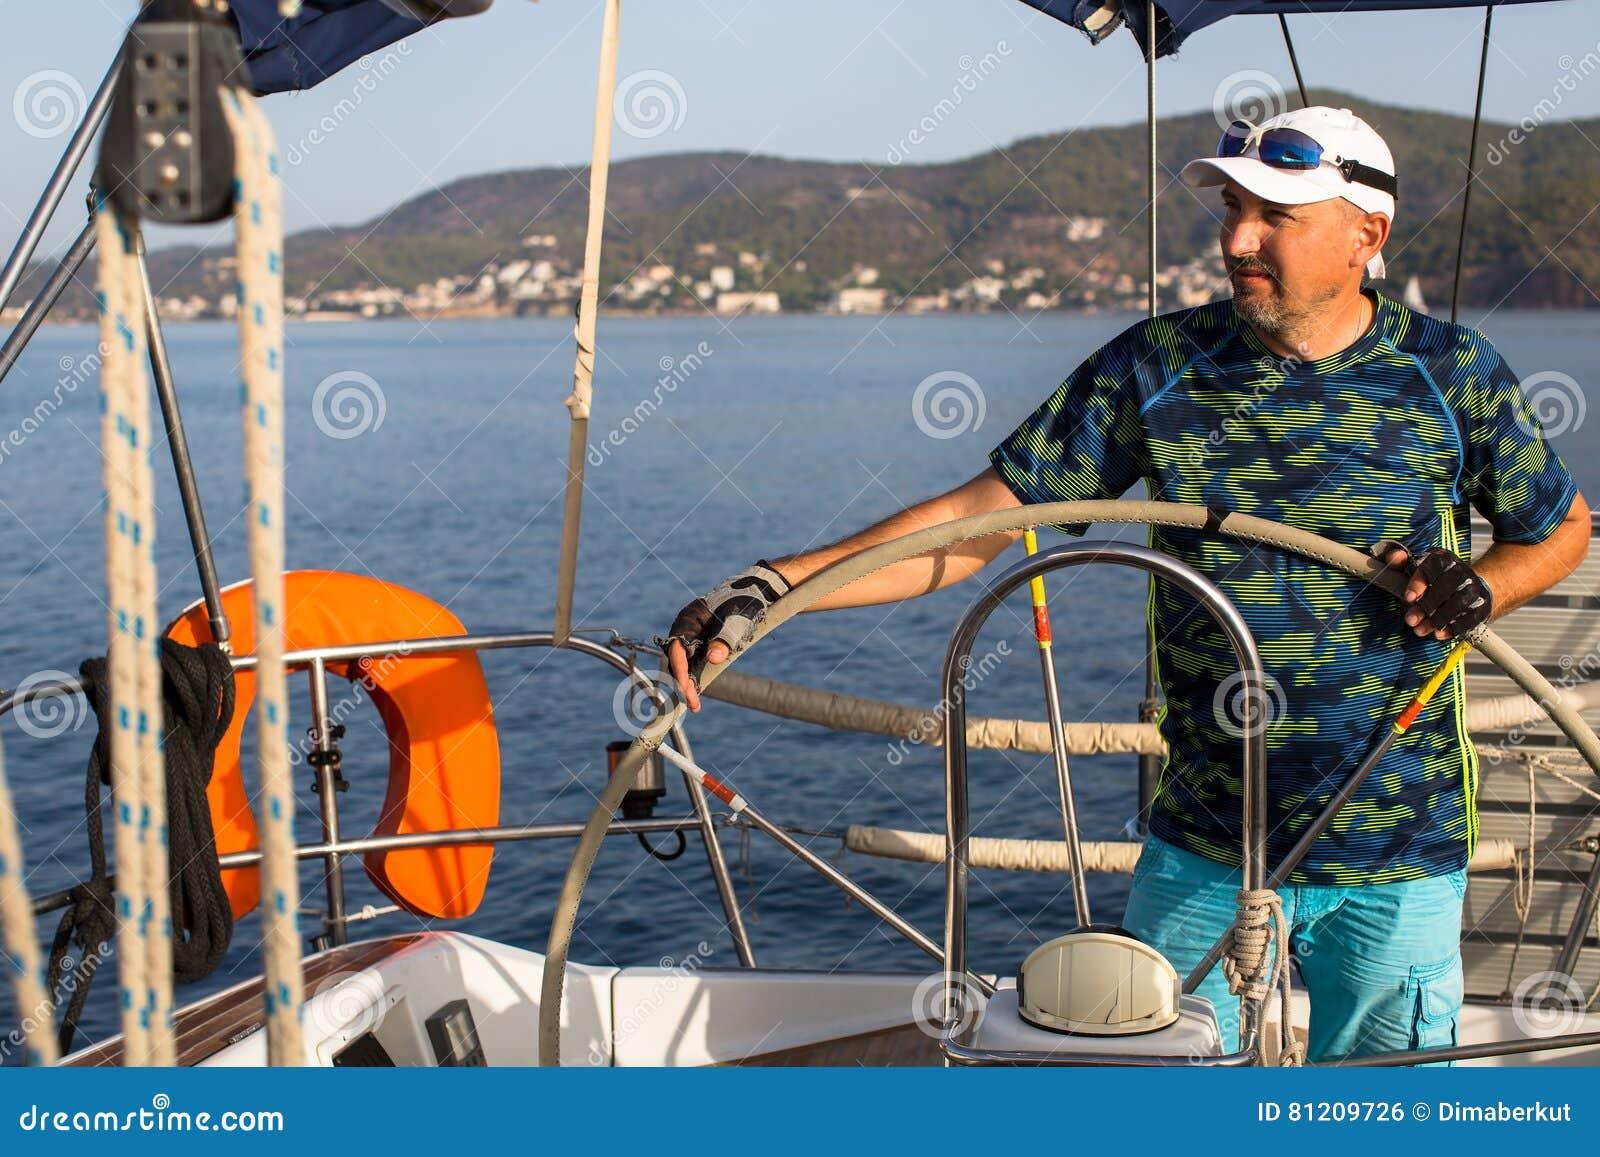 Человек стоит на кормиле и приводится в действие сосуд плавания Спорт